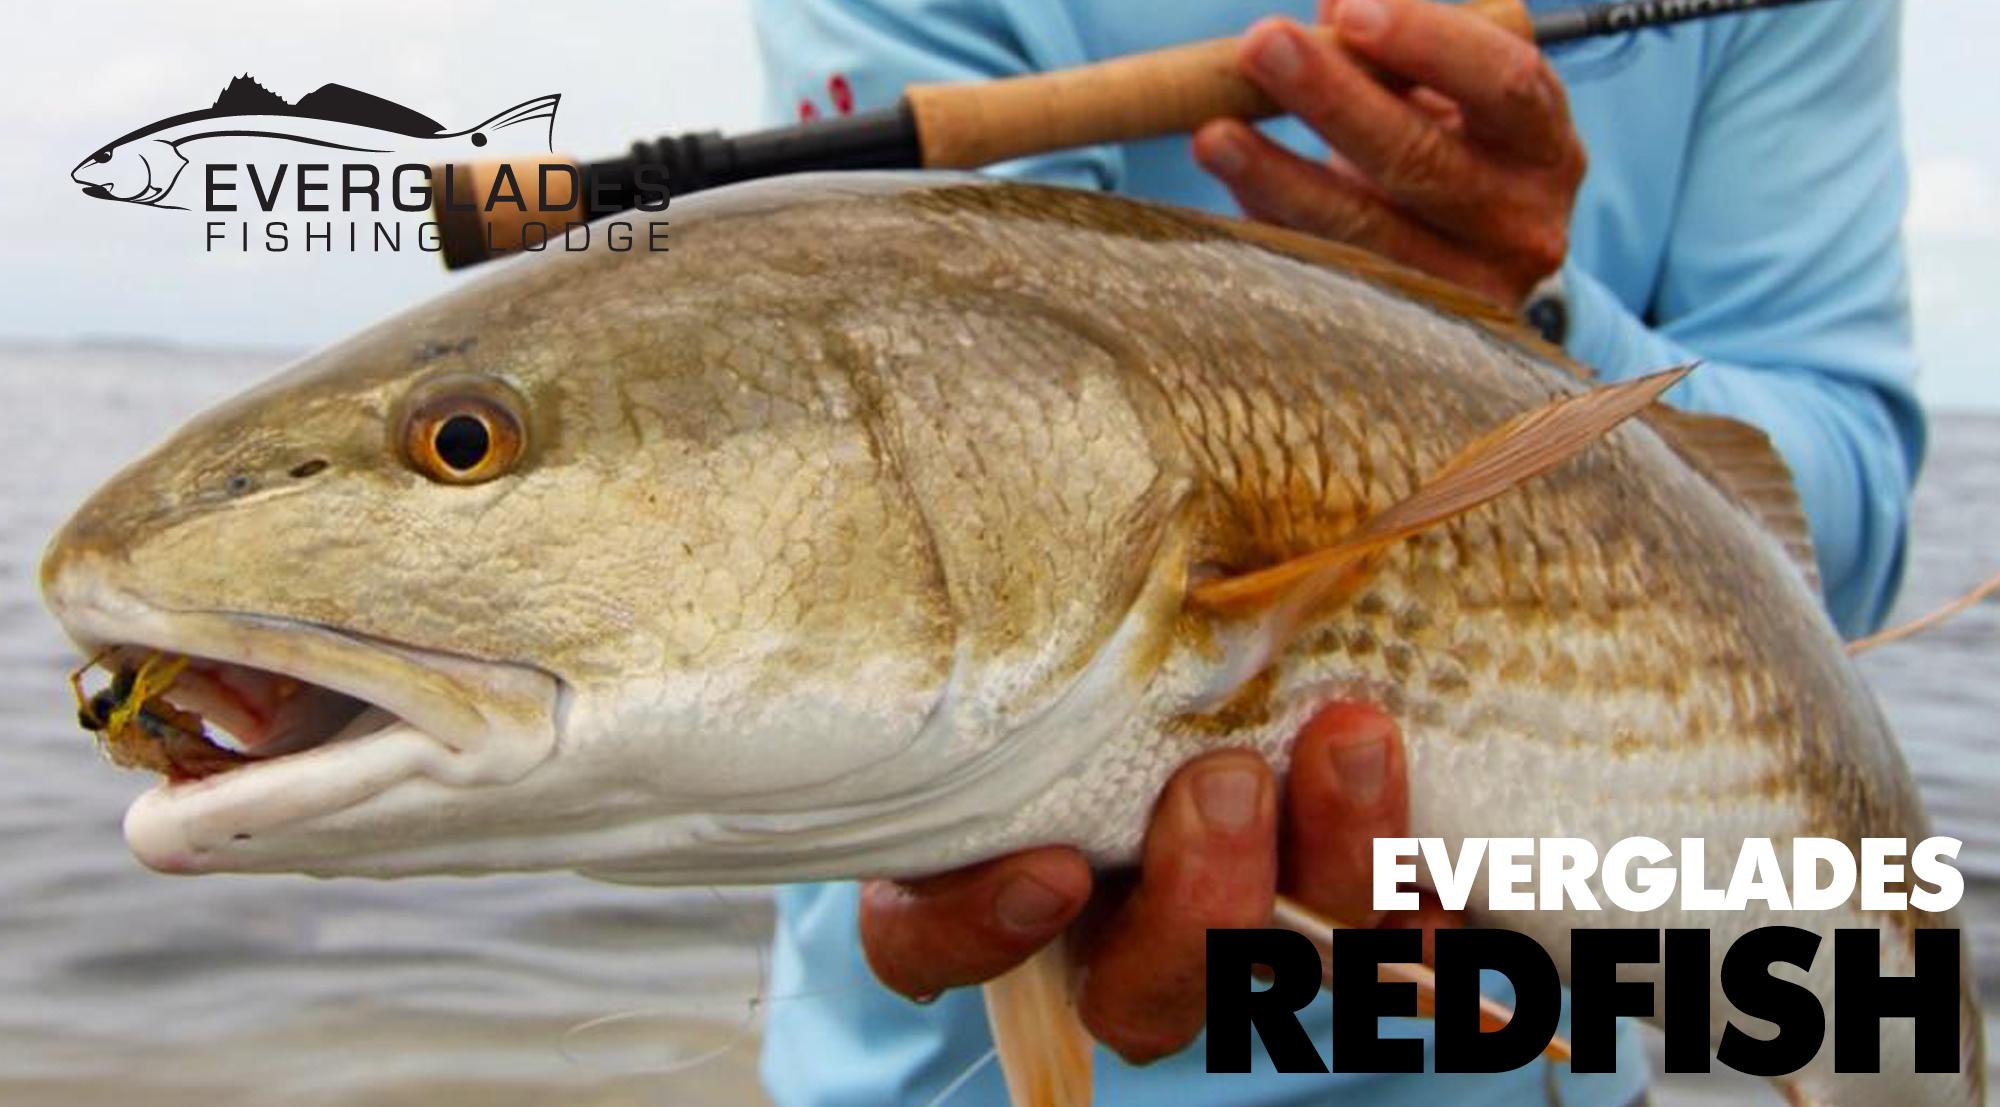 everglades-redfish-fishing.jpg